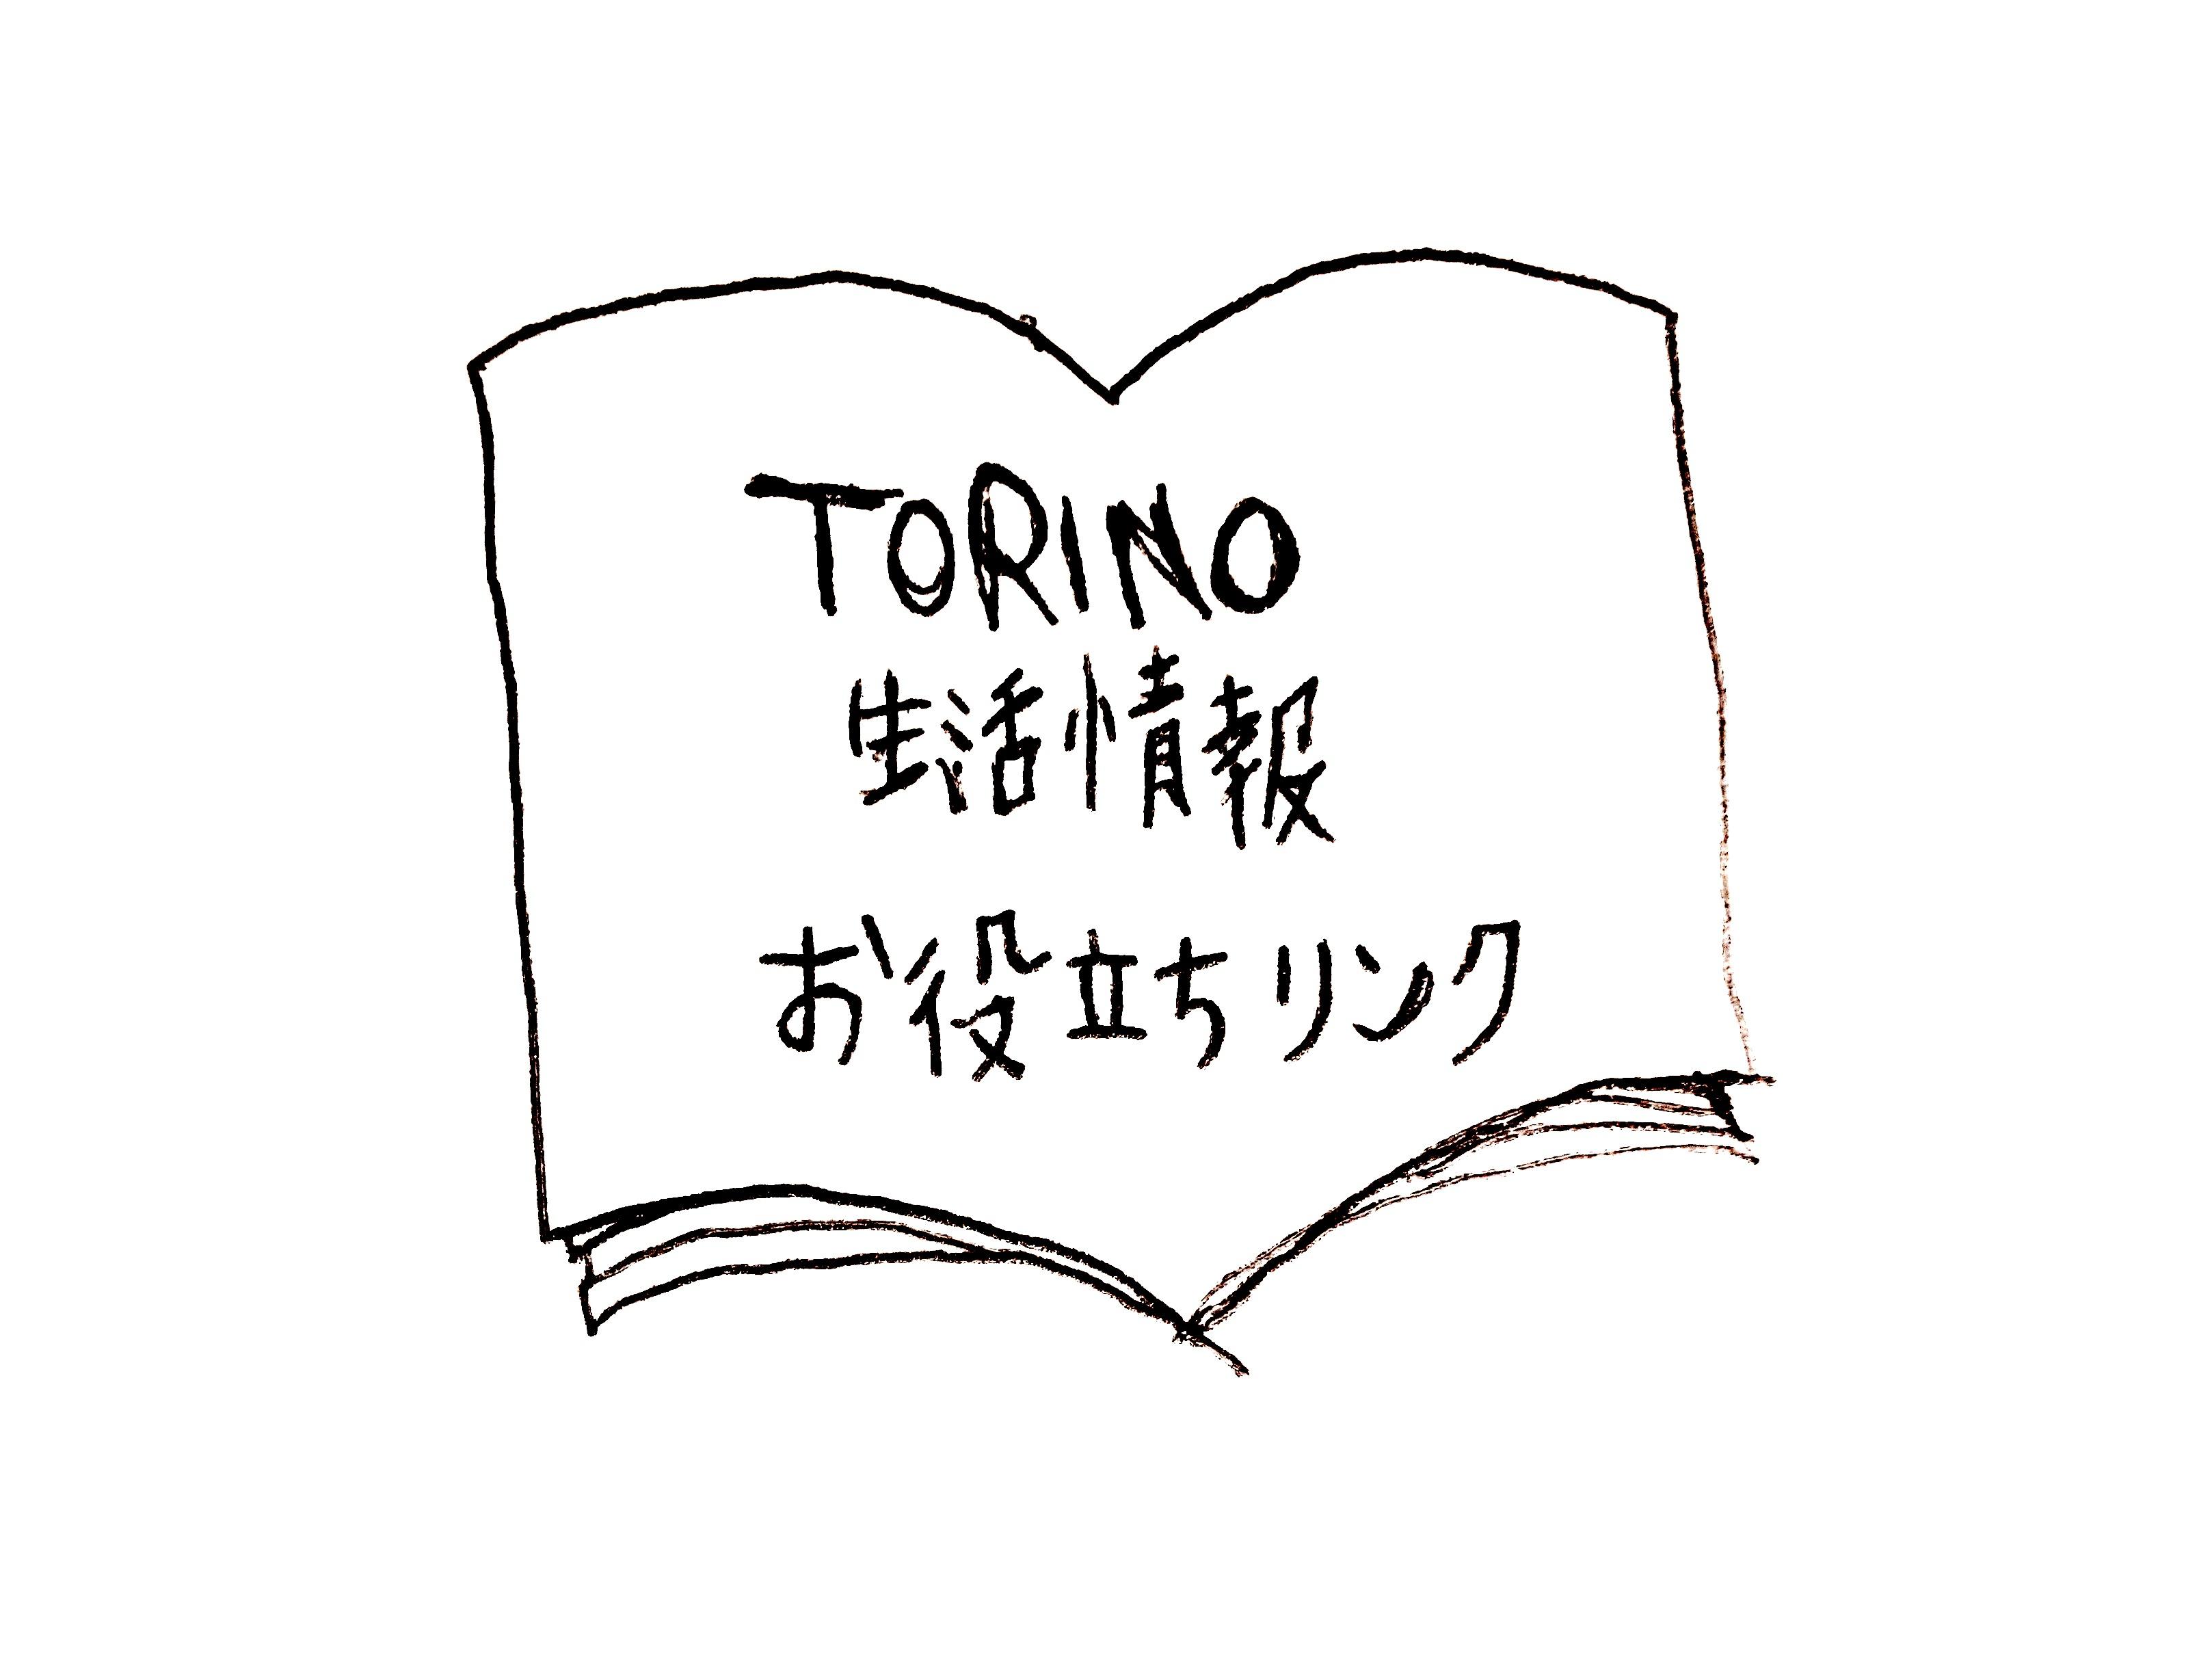 イタリア/トリノ生活情報•お役立ちリンク